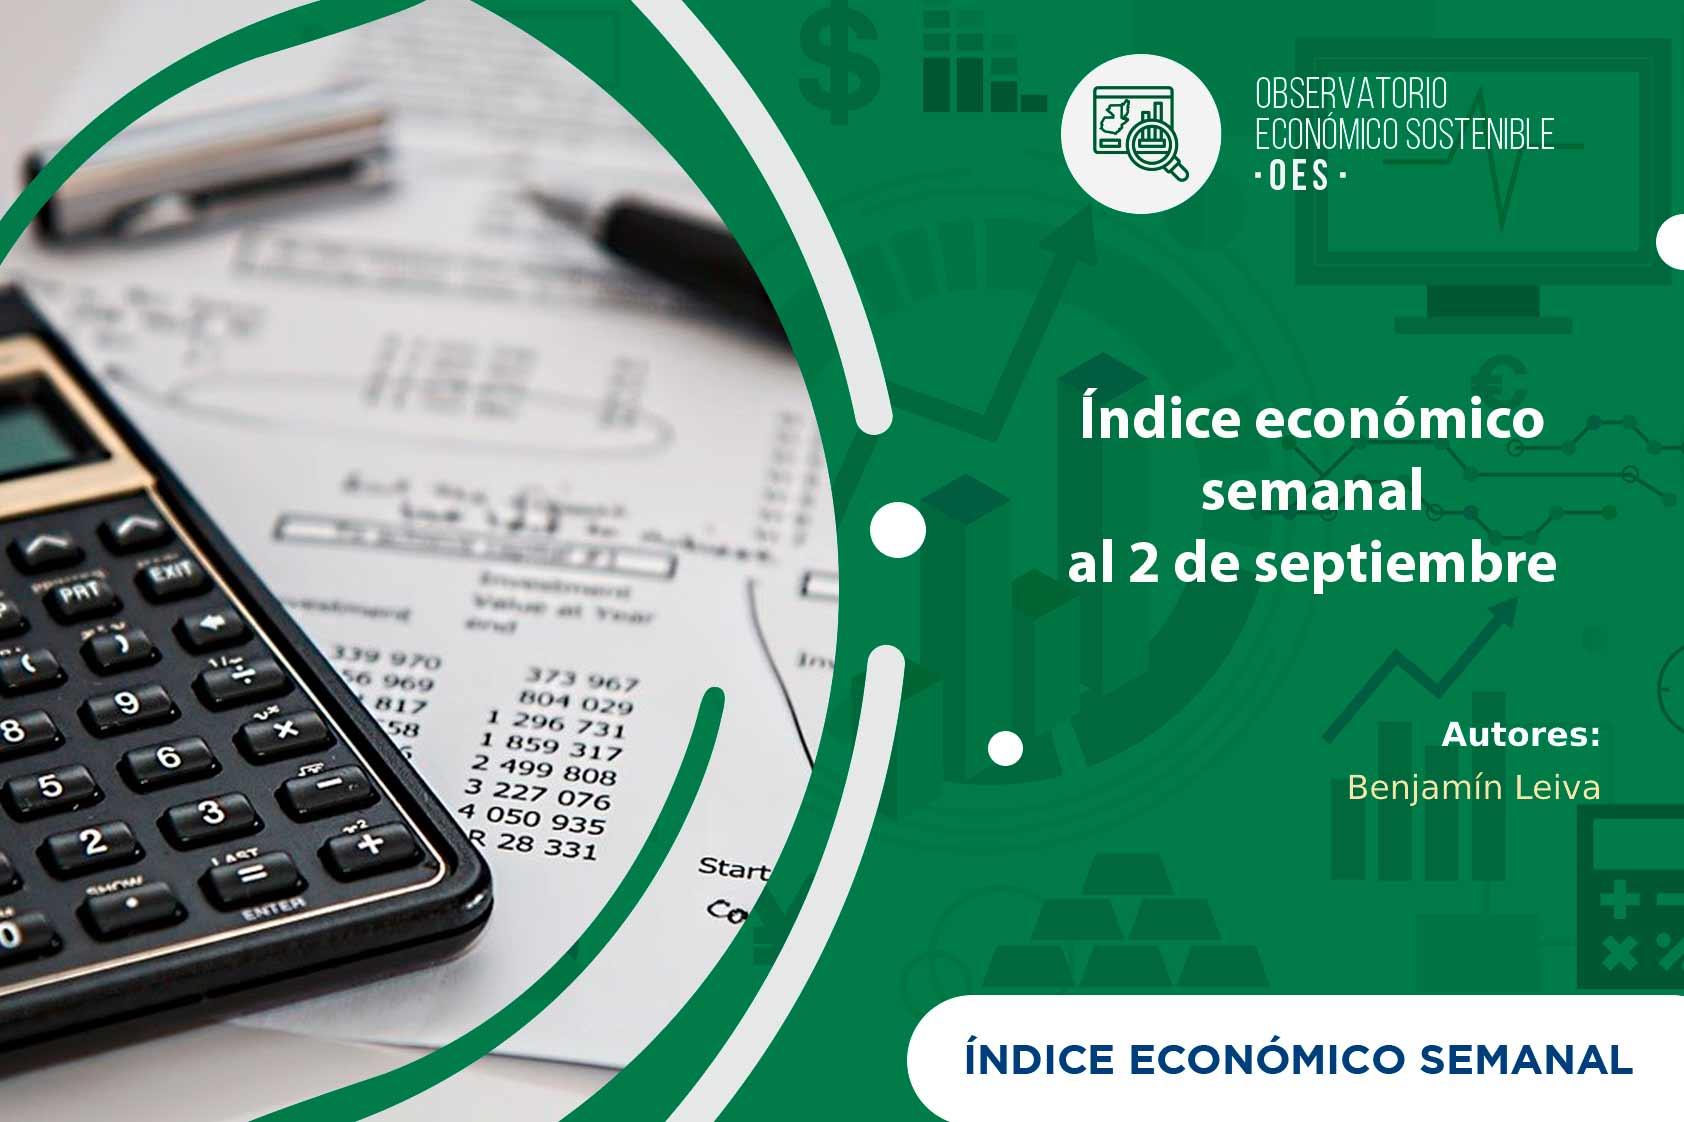 Leve ascenso descenso del IES debido a aumento o reducción de remesas para el 2 de septiembre